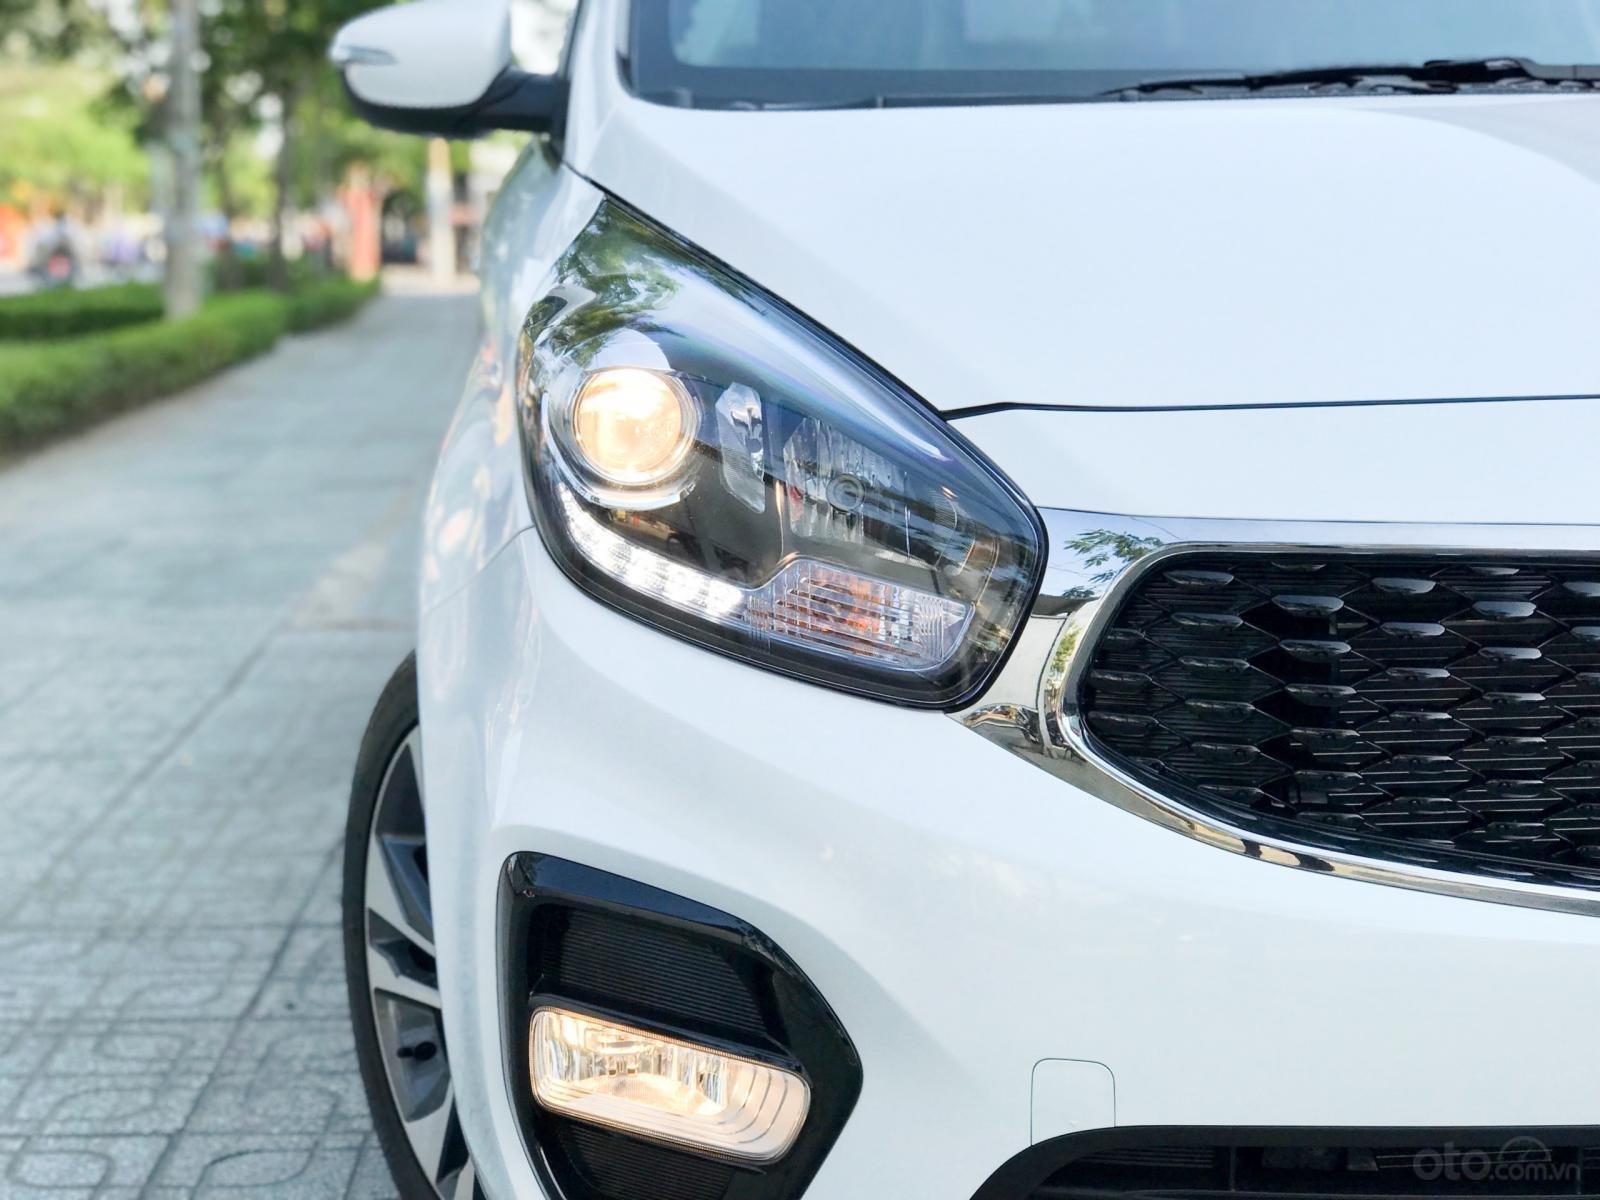 Kia Rondo 2019, Giảm giá + Tặng gói phụ kiện + đưa trước 200 triệu có xe. LH 0933920564 (12)